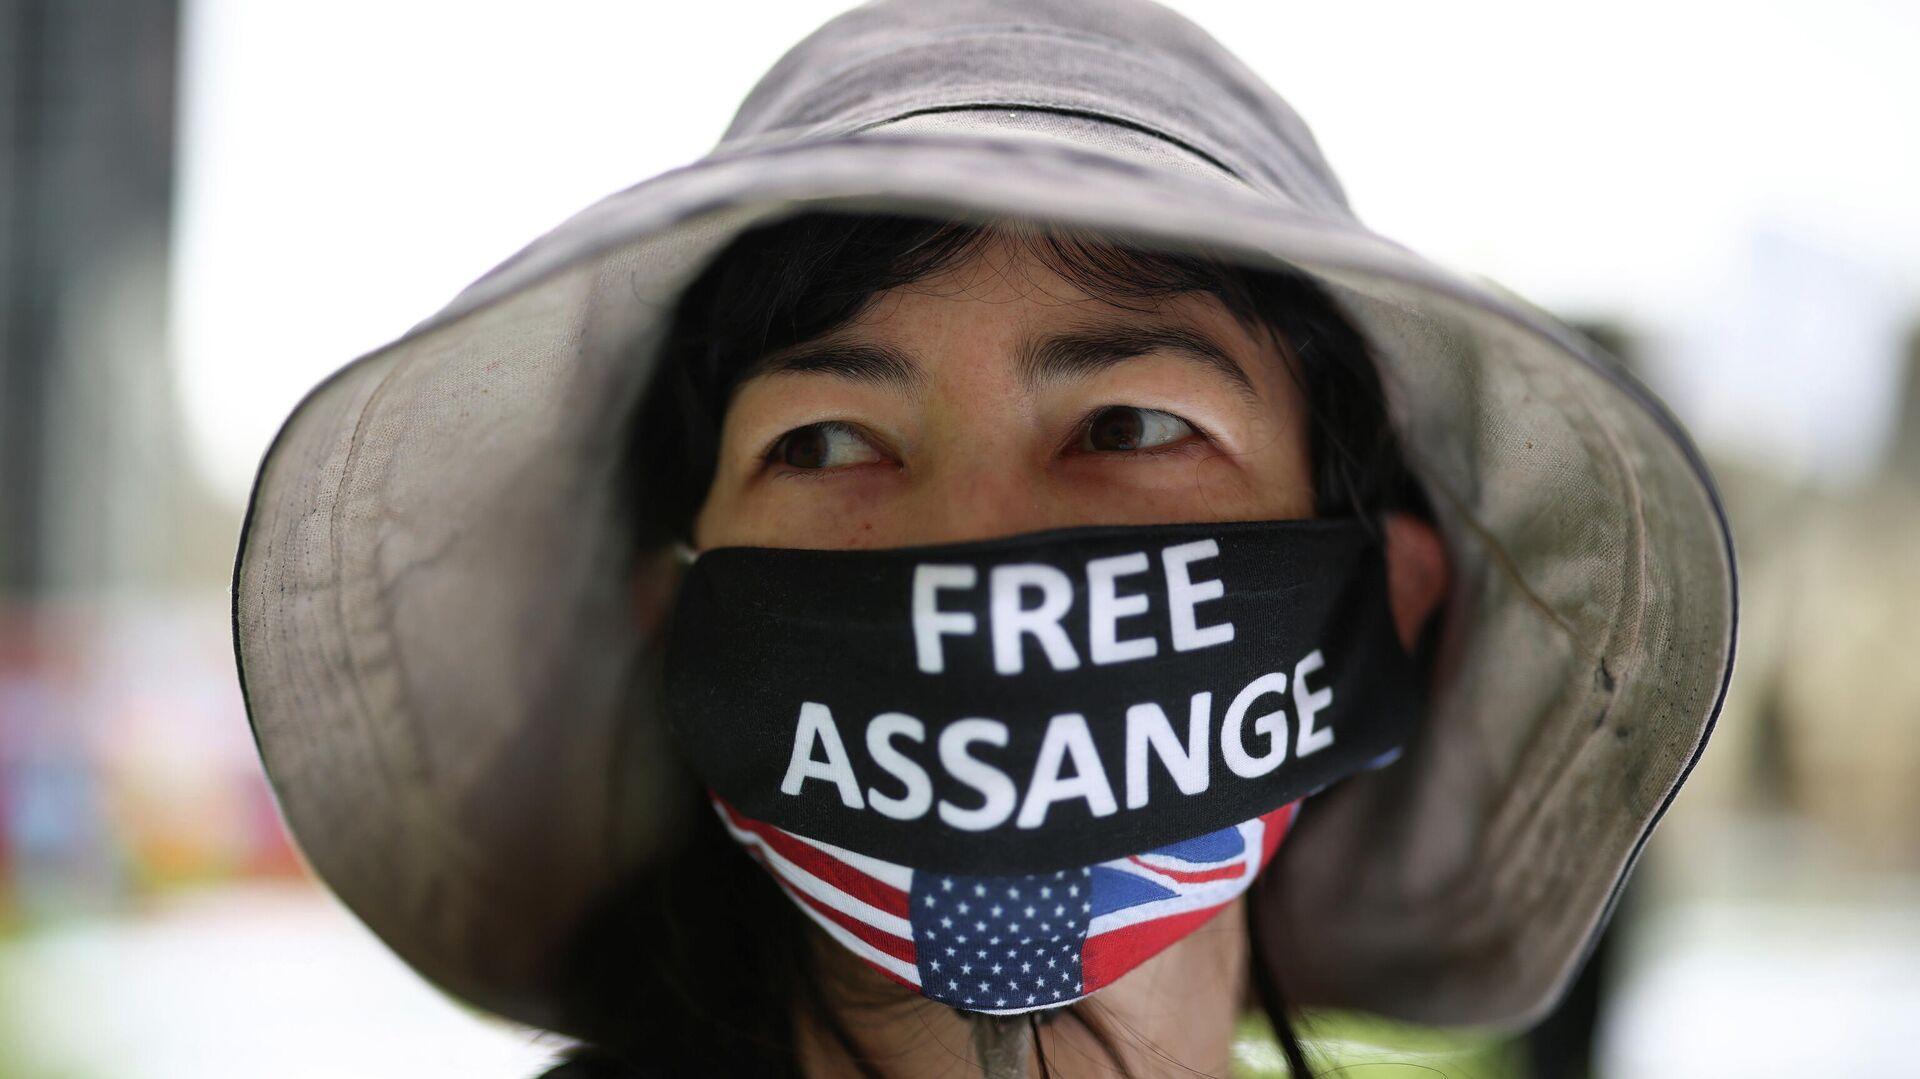 Manifestante durante la protesta el día del 50 cumpleaños de Julian Assange en Londres (Reino Unido), el 3 de julio del 2021 - Sputnik Mundo, 1920, 03.07.2021